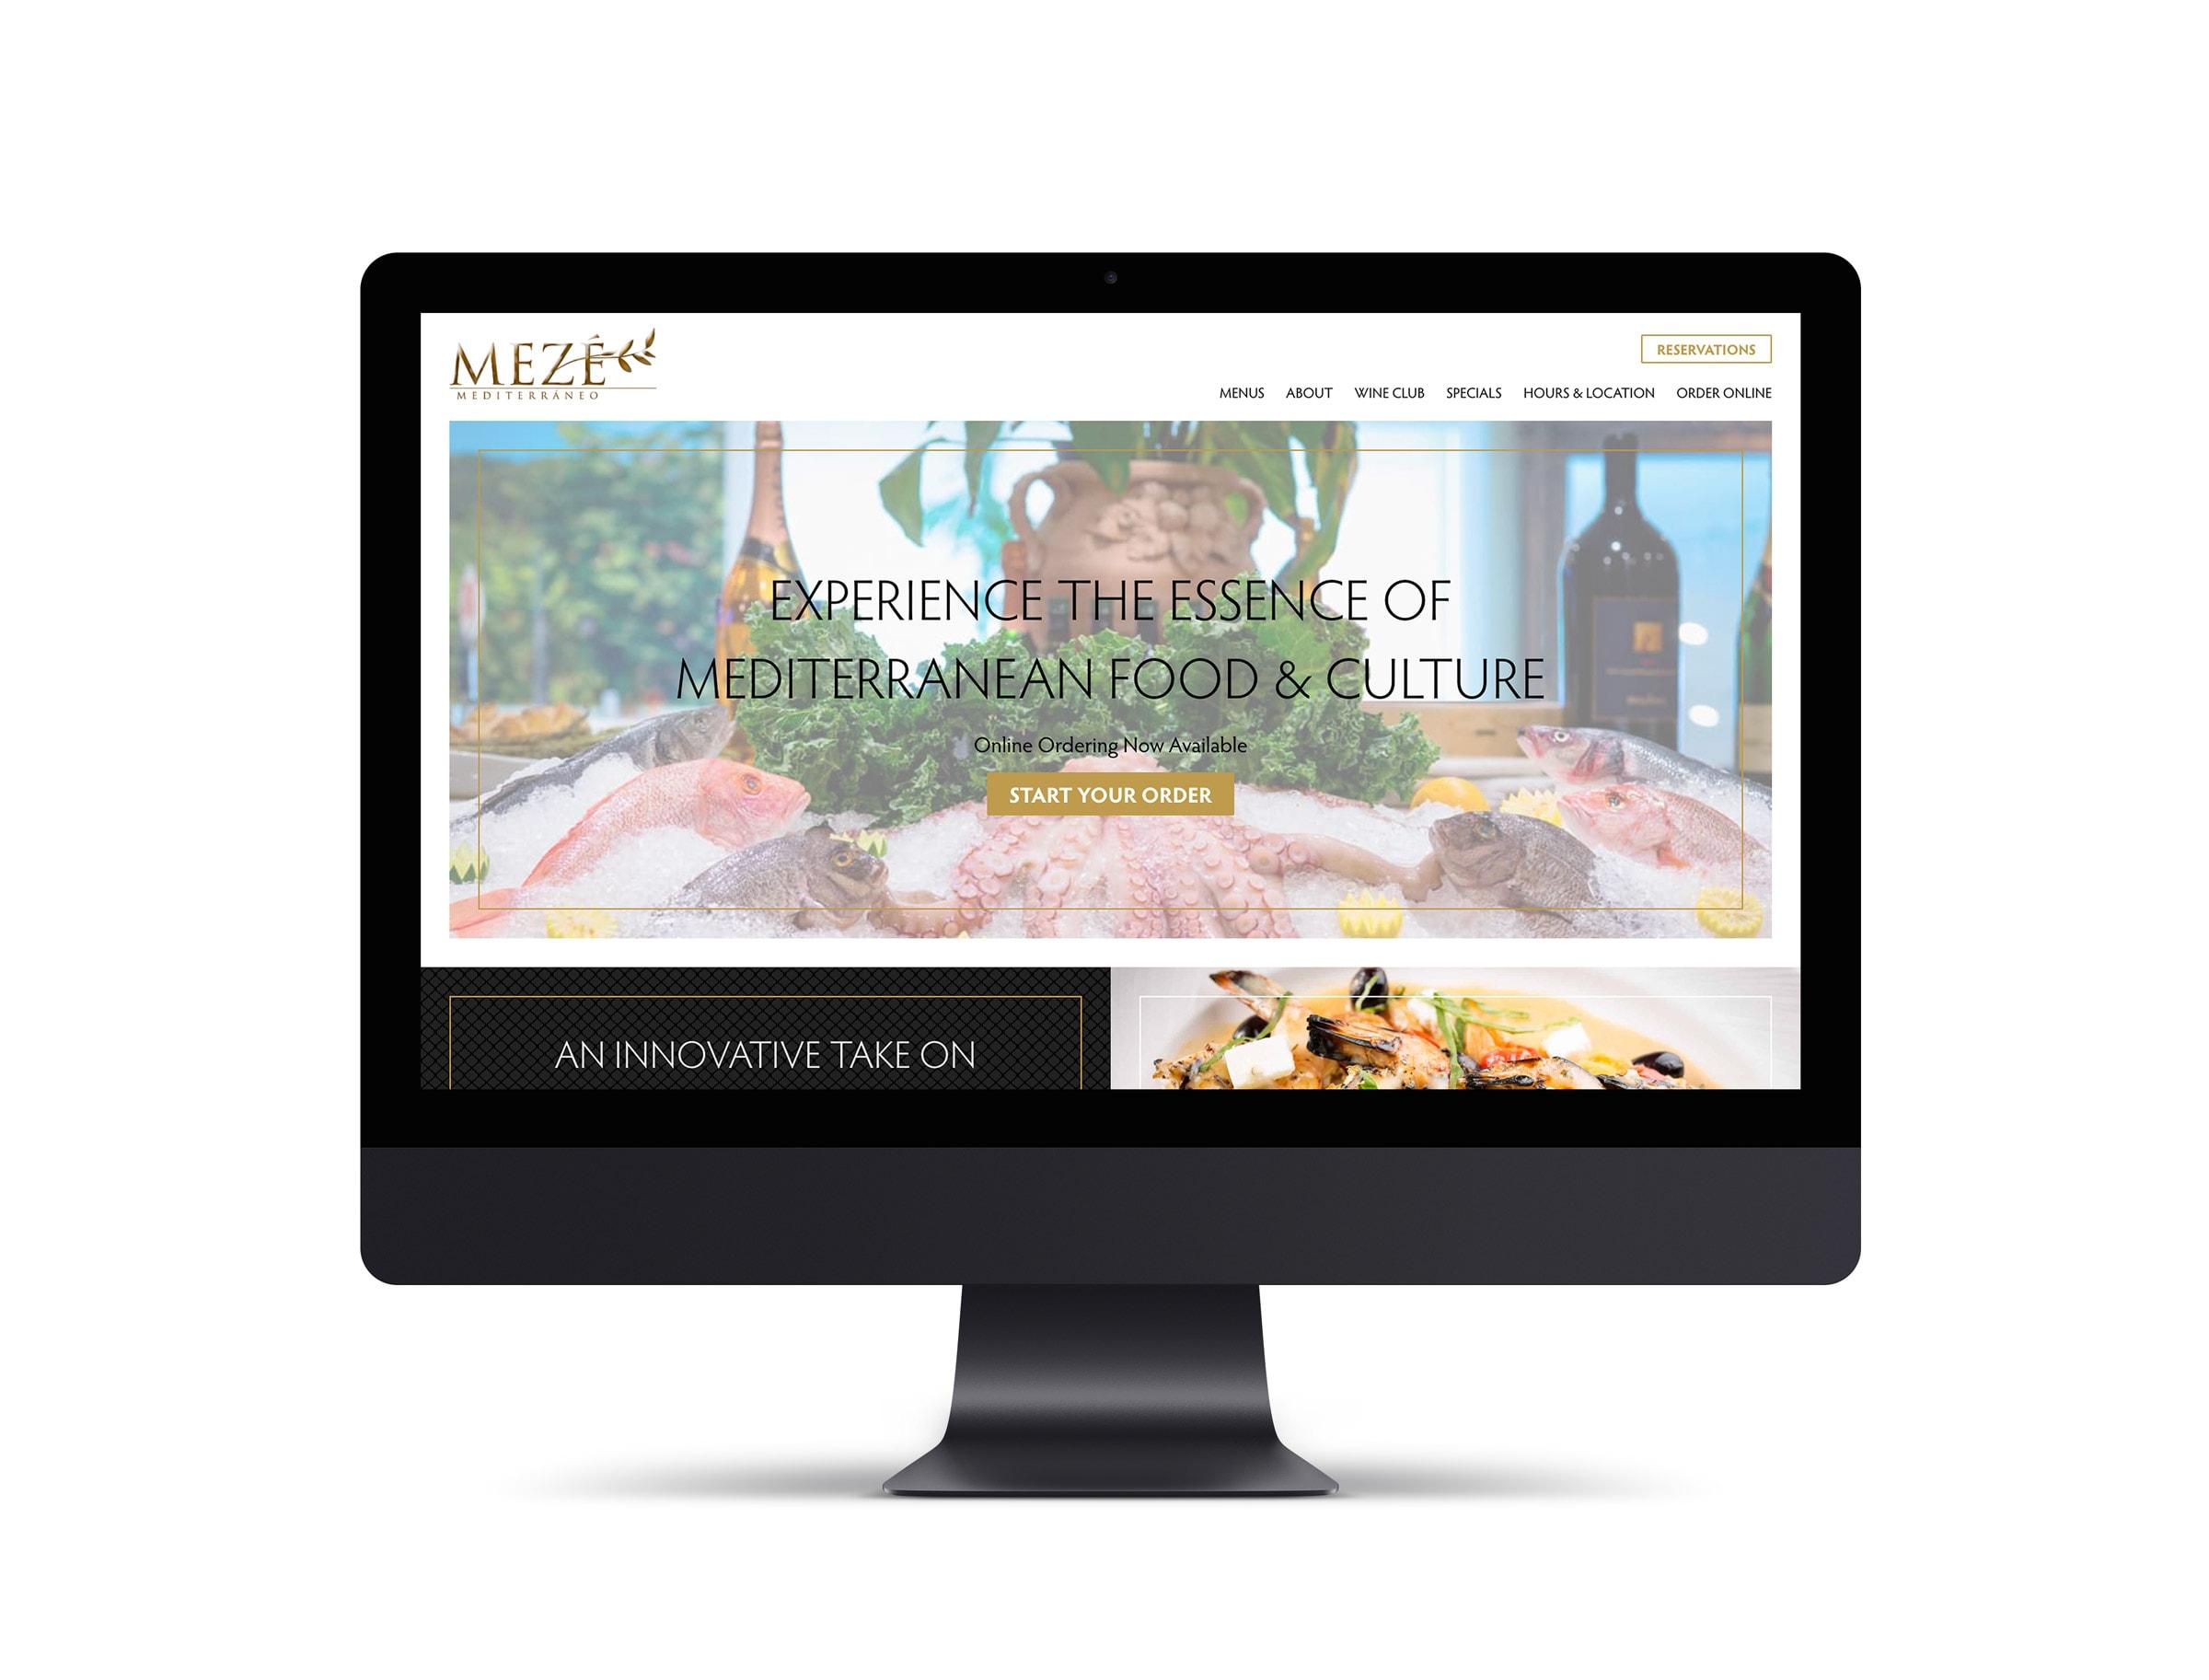 meze mediterraneo restaurant